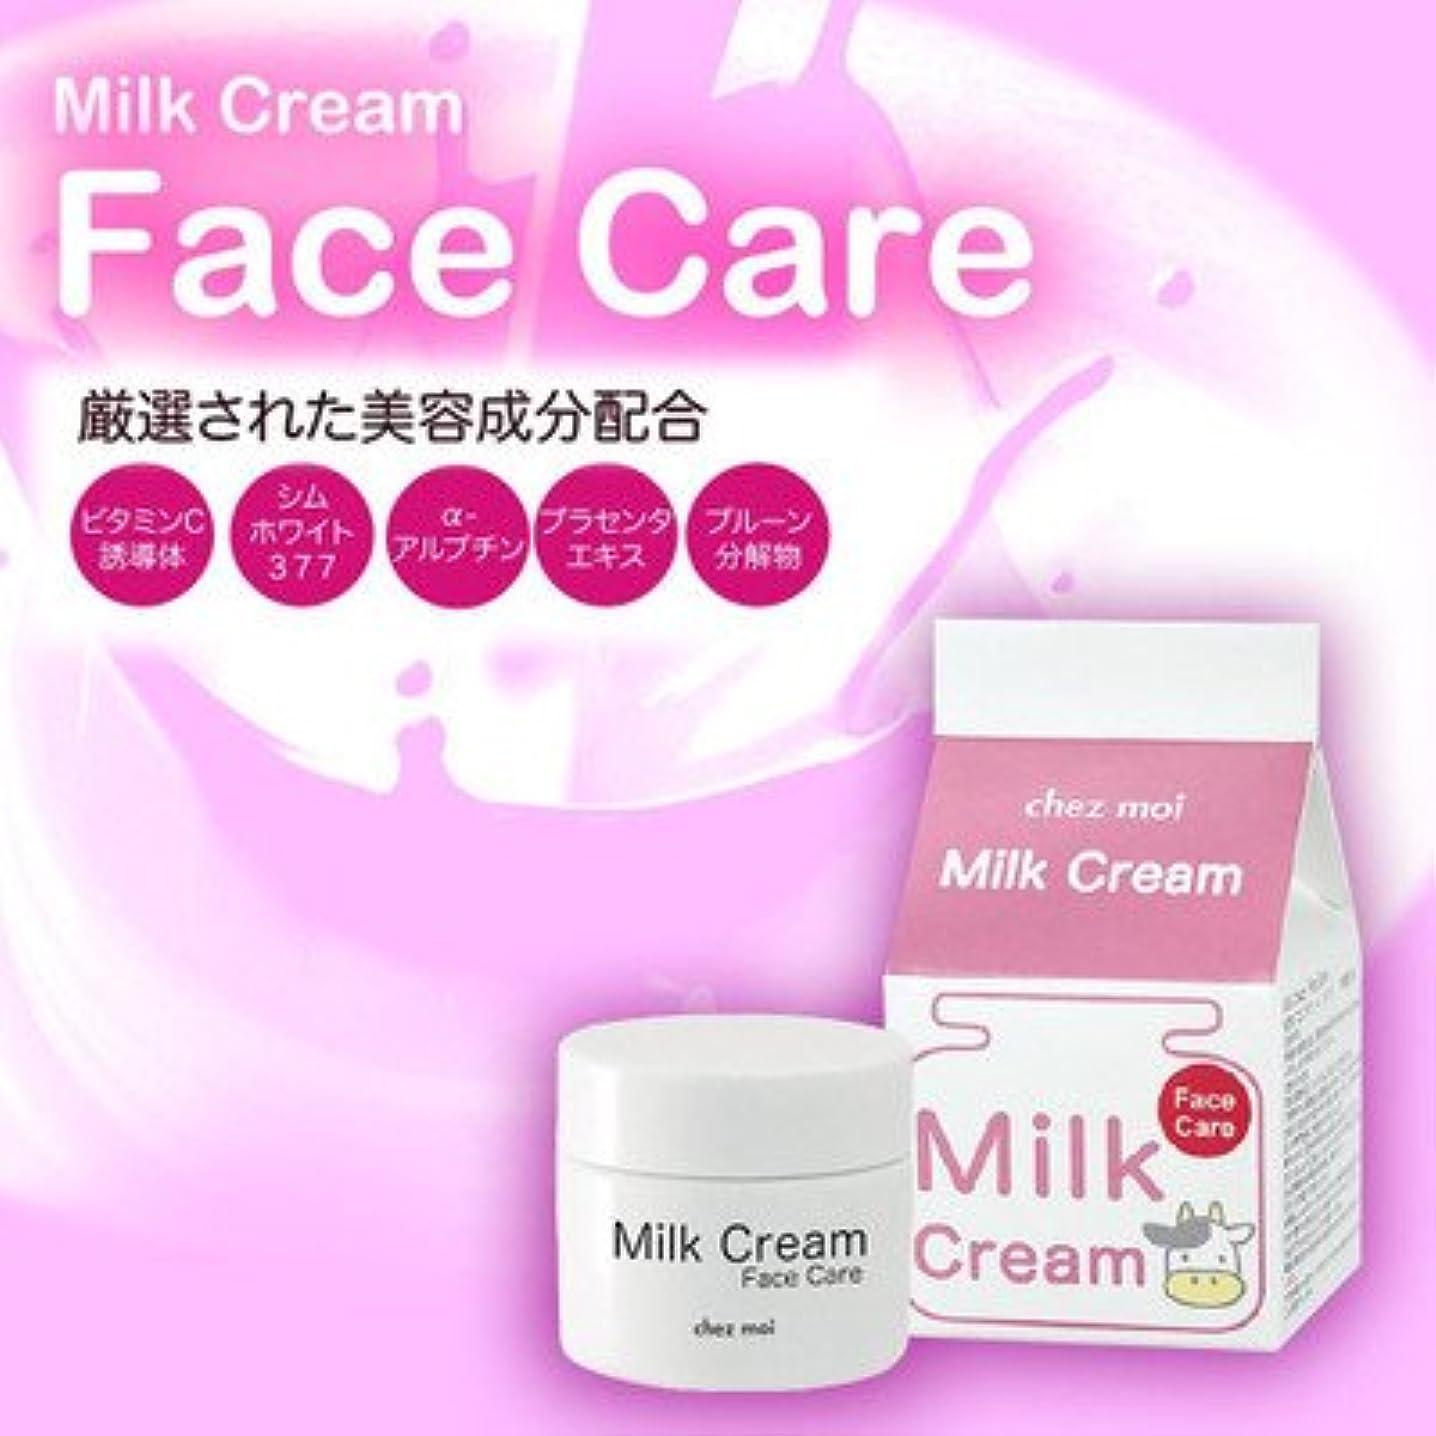 聡明マンモス正確さ乾燥によるお肌のくすみが気になる方に Milk Cream ミルククリーム Face Care フェイスケア パック 30g